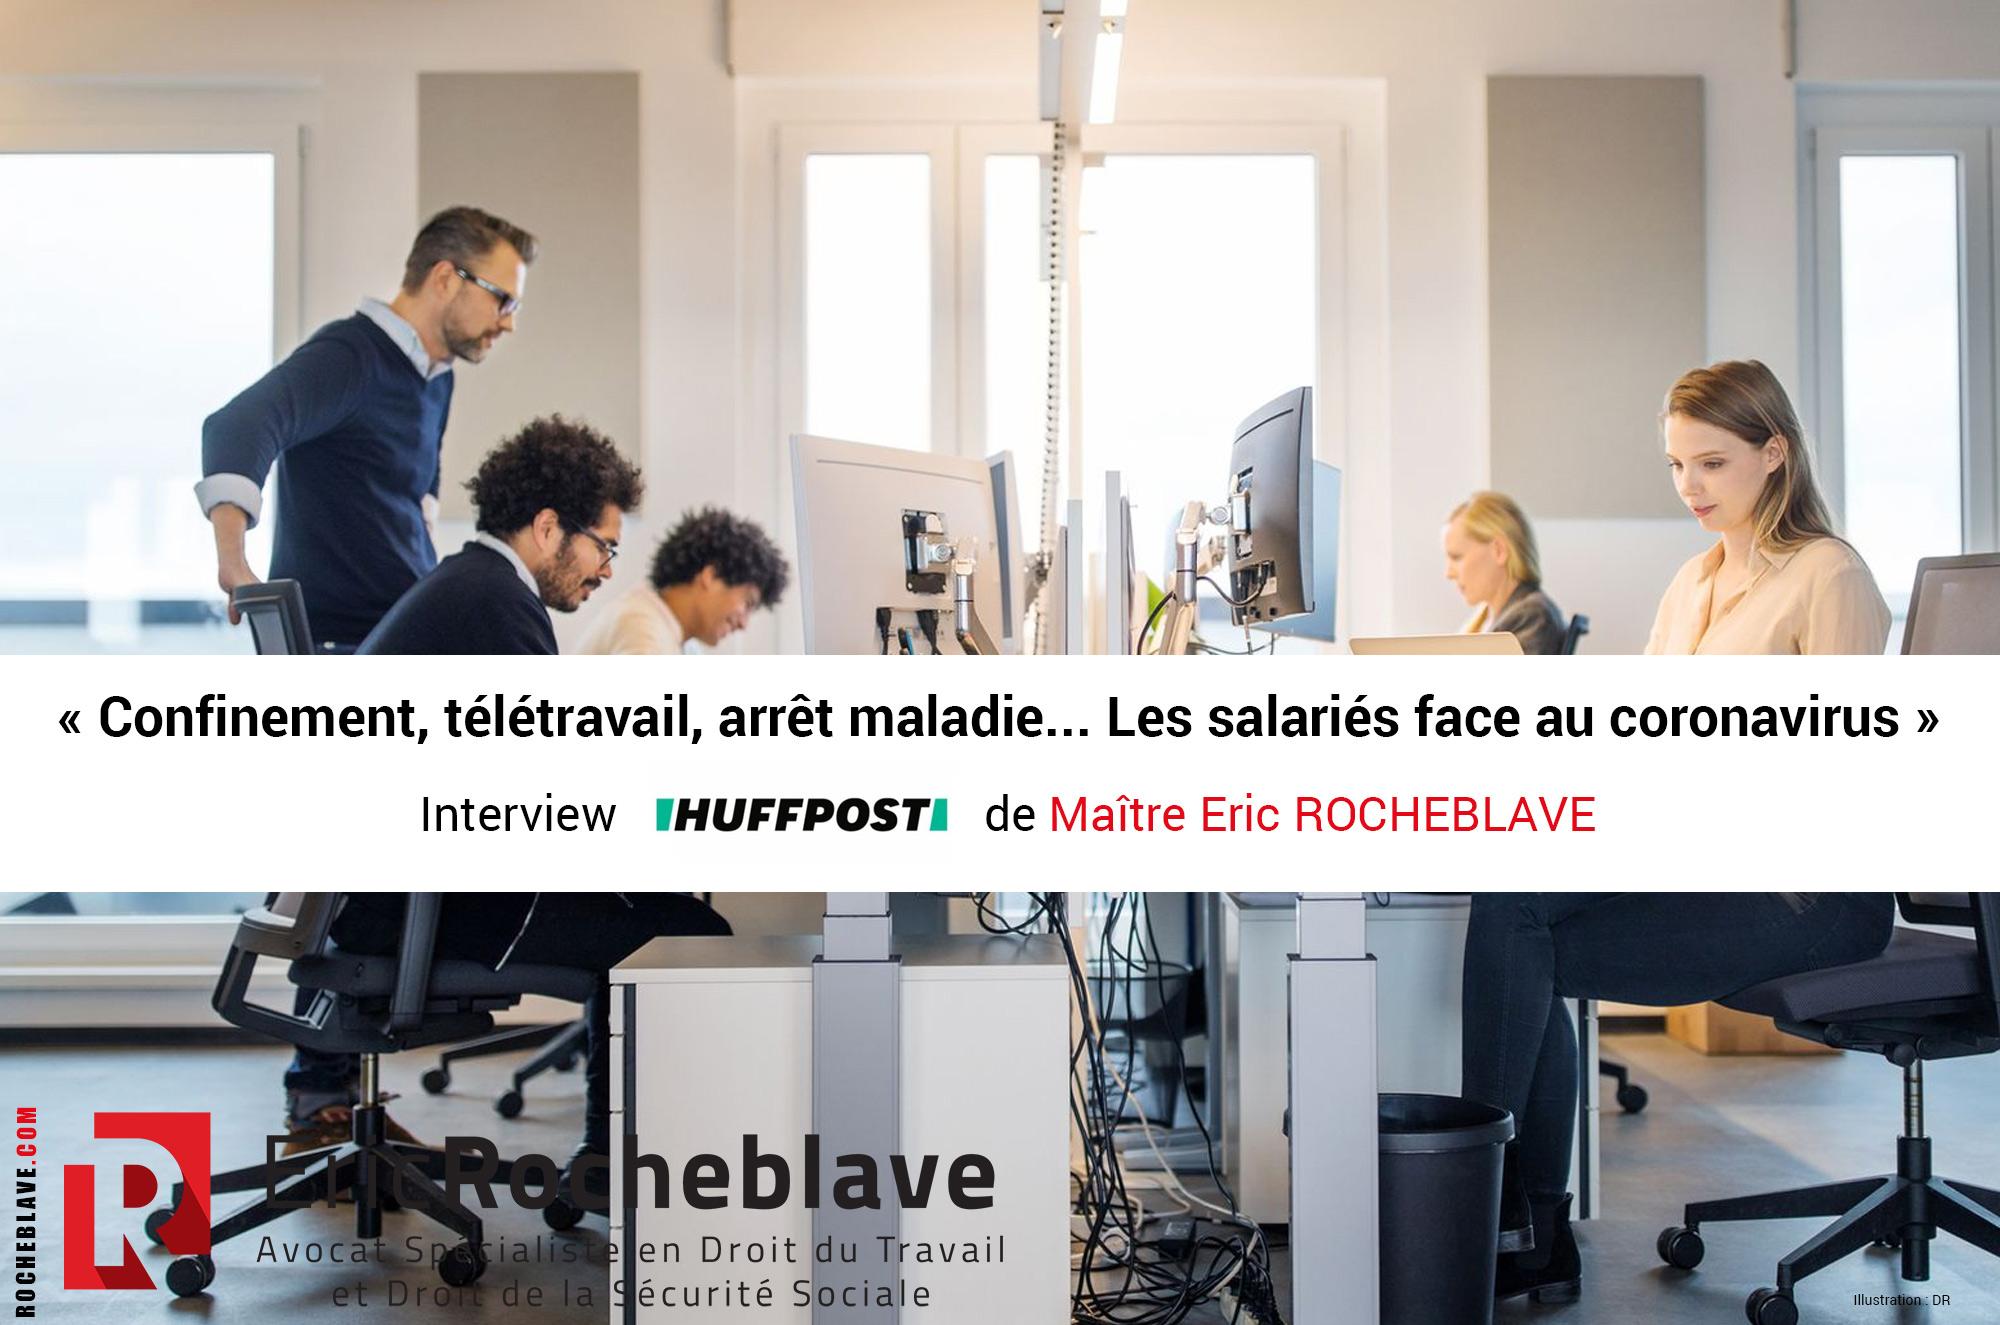 « Confinement, télétravail, arrêt maladie… Les salariés face au coronavirus » Interview HUFFPOST de Maître Eric ROCHEBLAVE